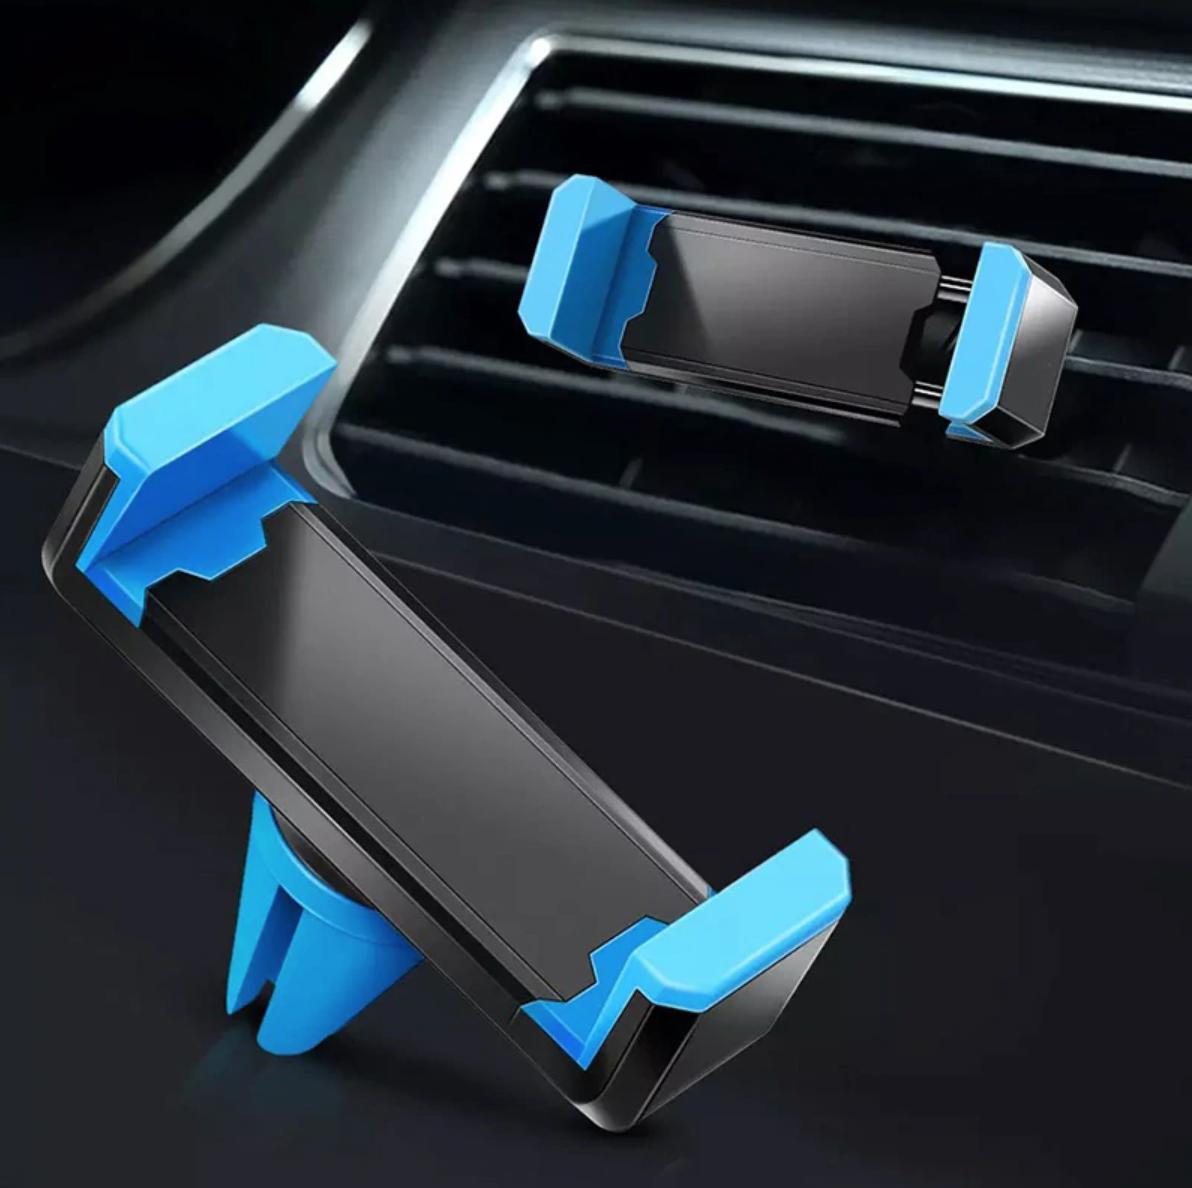 Držák na mobil do ventilace auta